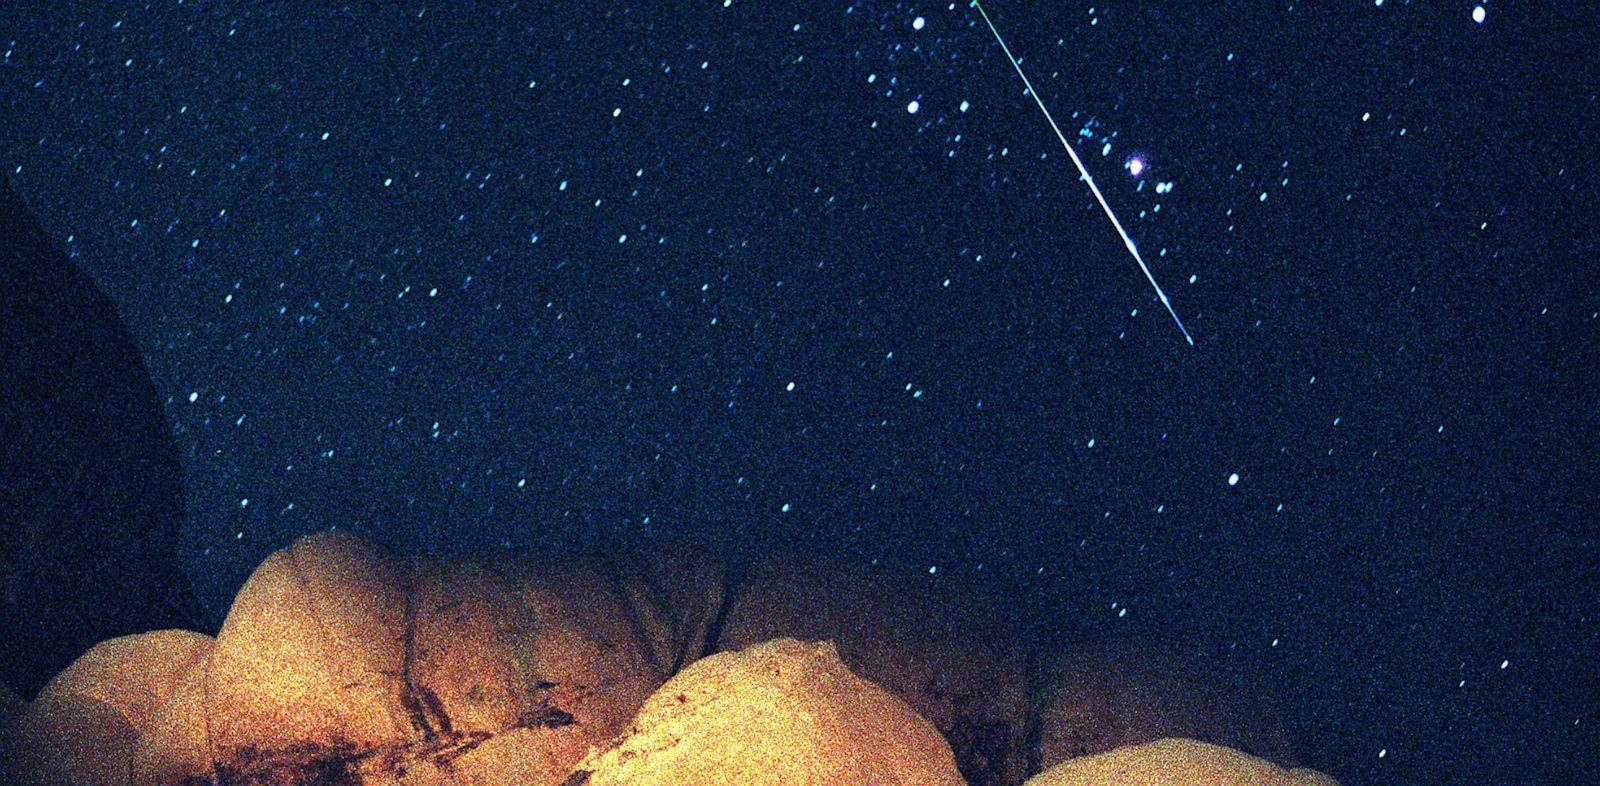 PHOTO: A bright Perseid Meteor